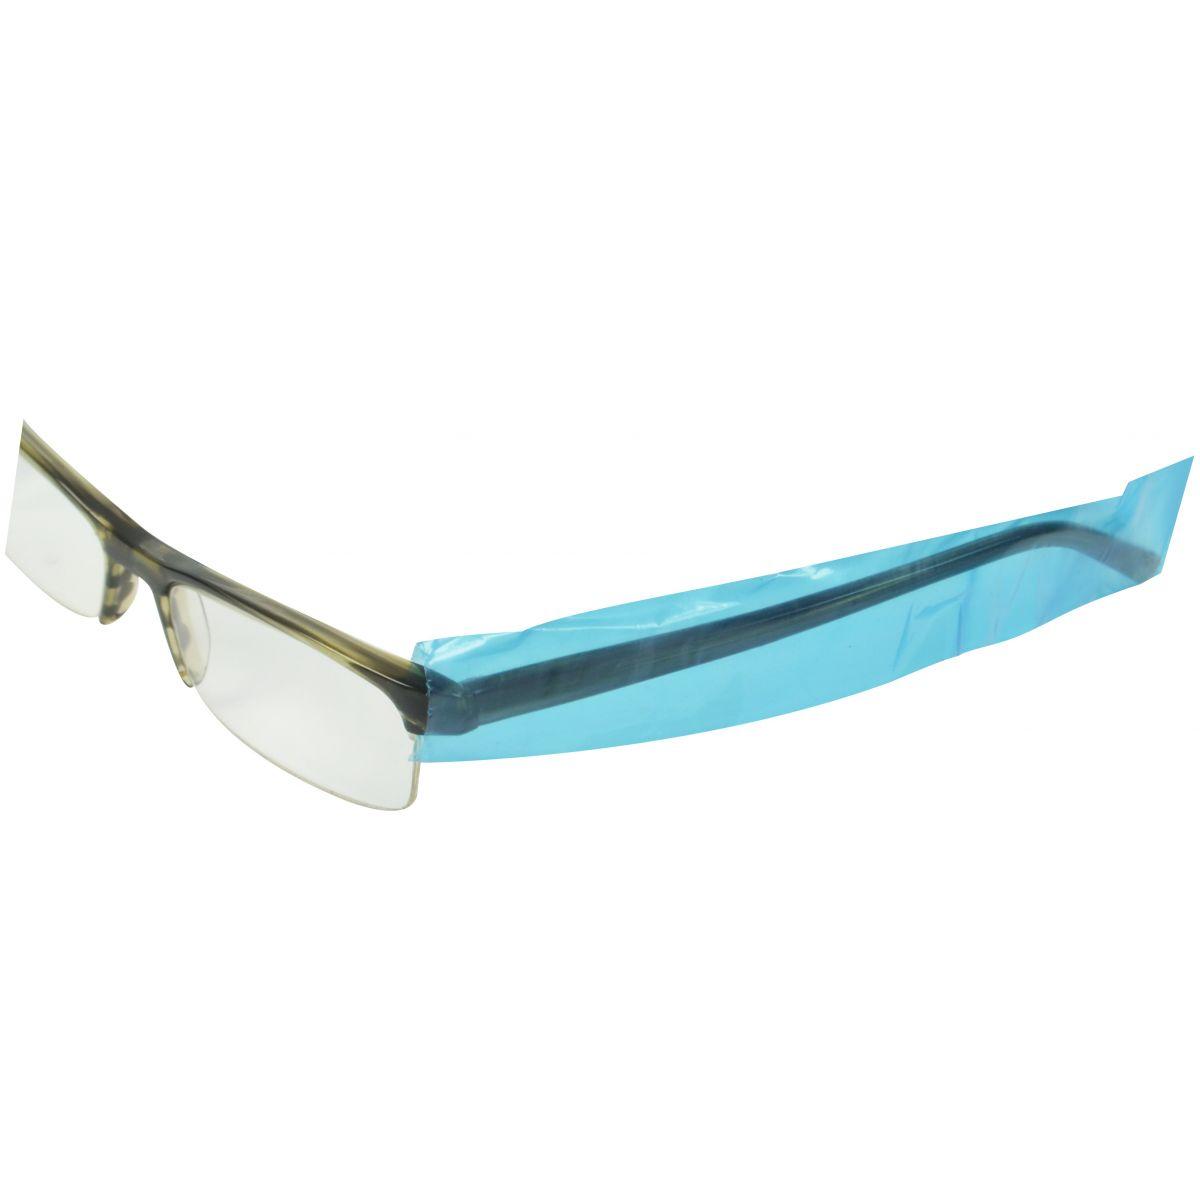 Protetor Plástico Descartável Para Haste De Óculos - Santa Clara 577ed64fda